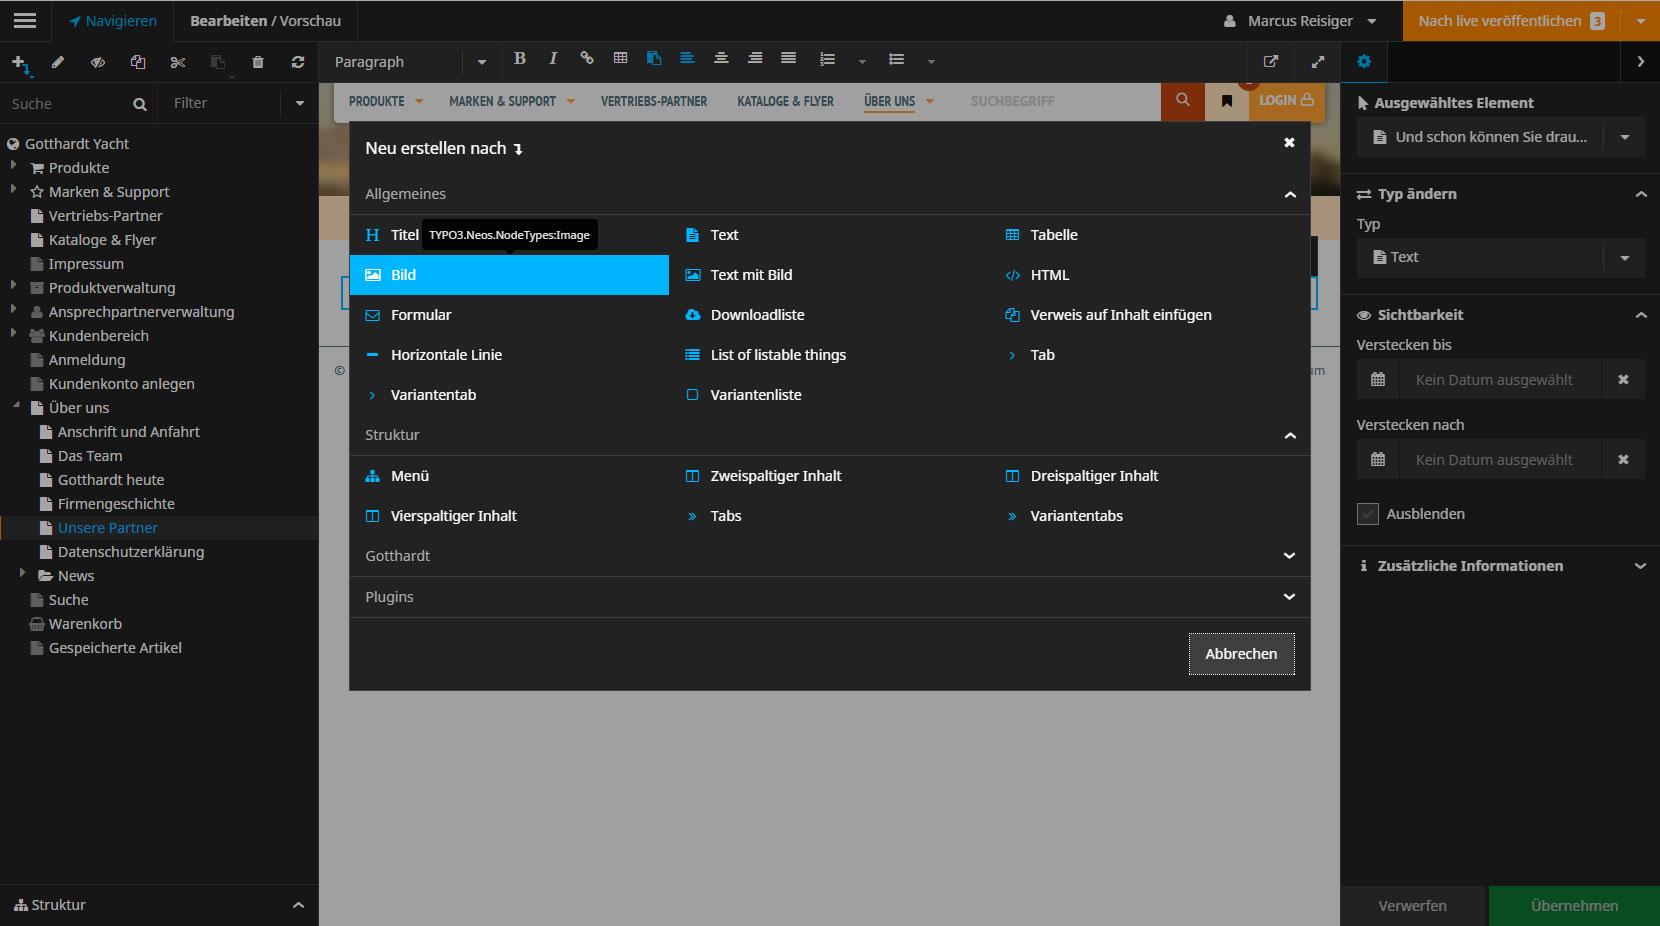 4.4_Neos_Admin_Content-Element-Bild-auswählen